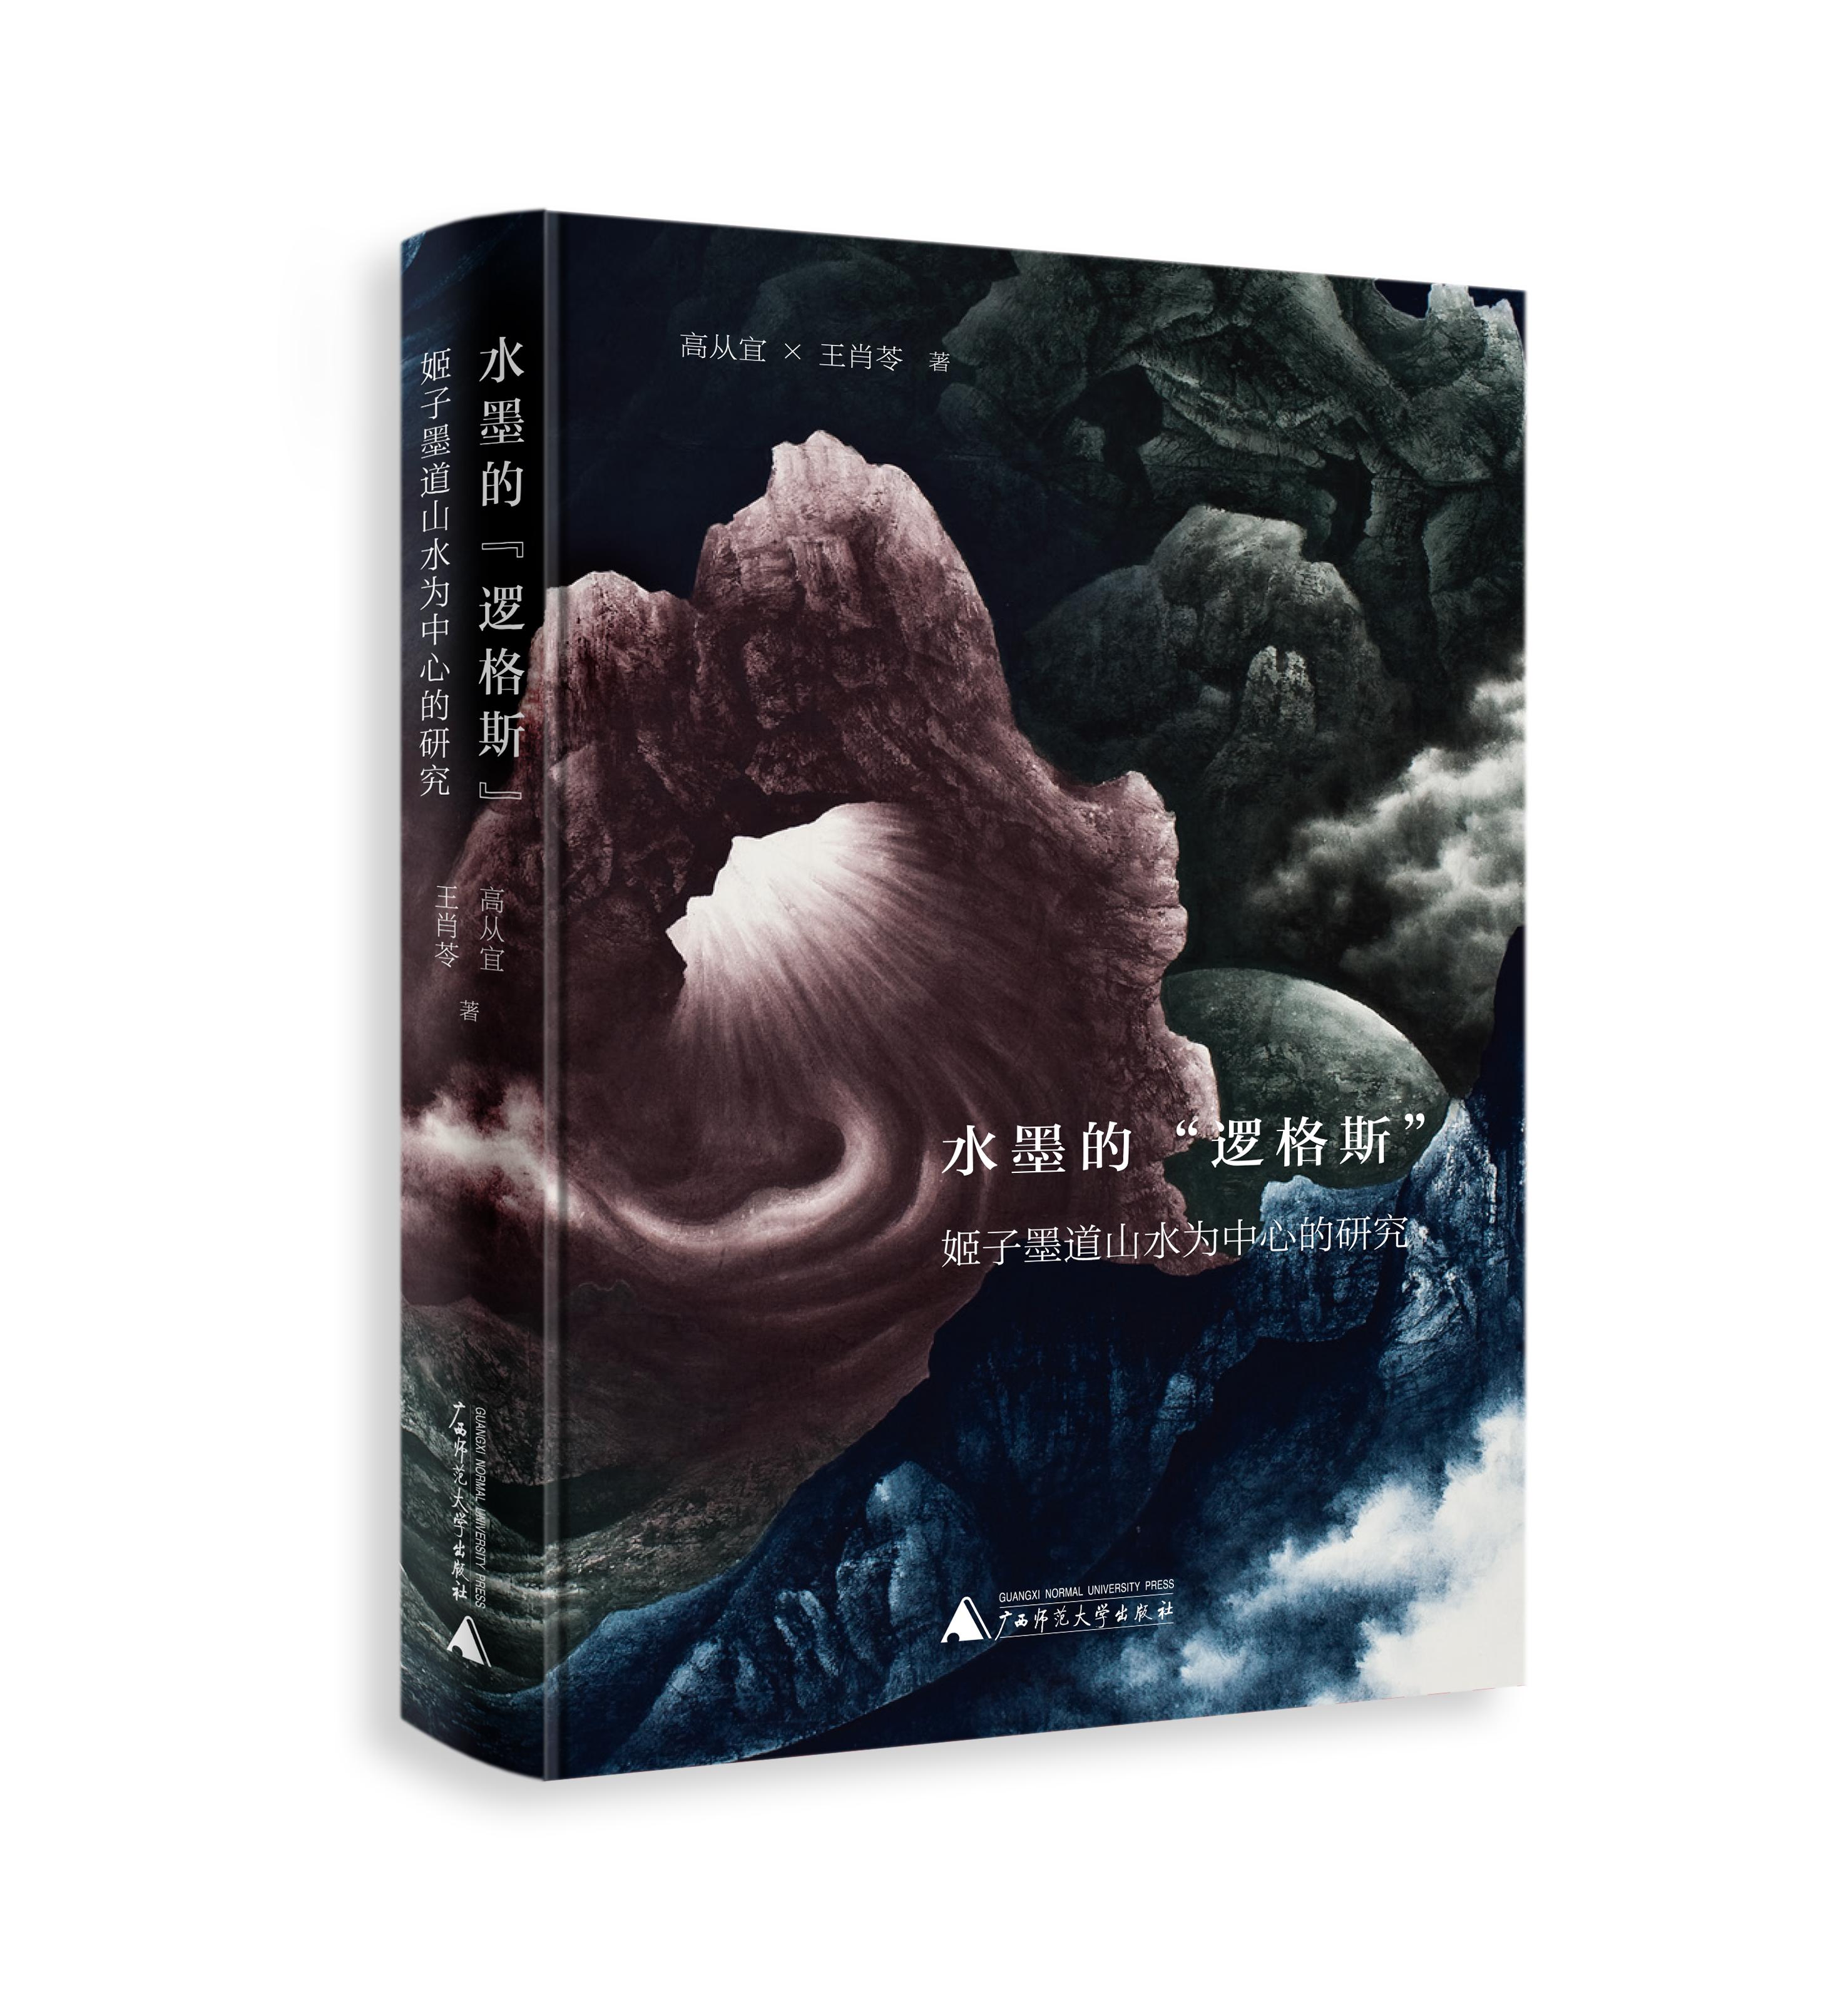 meishubao/2018032915491759572.png